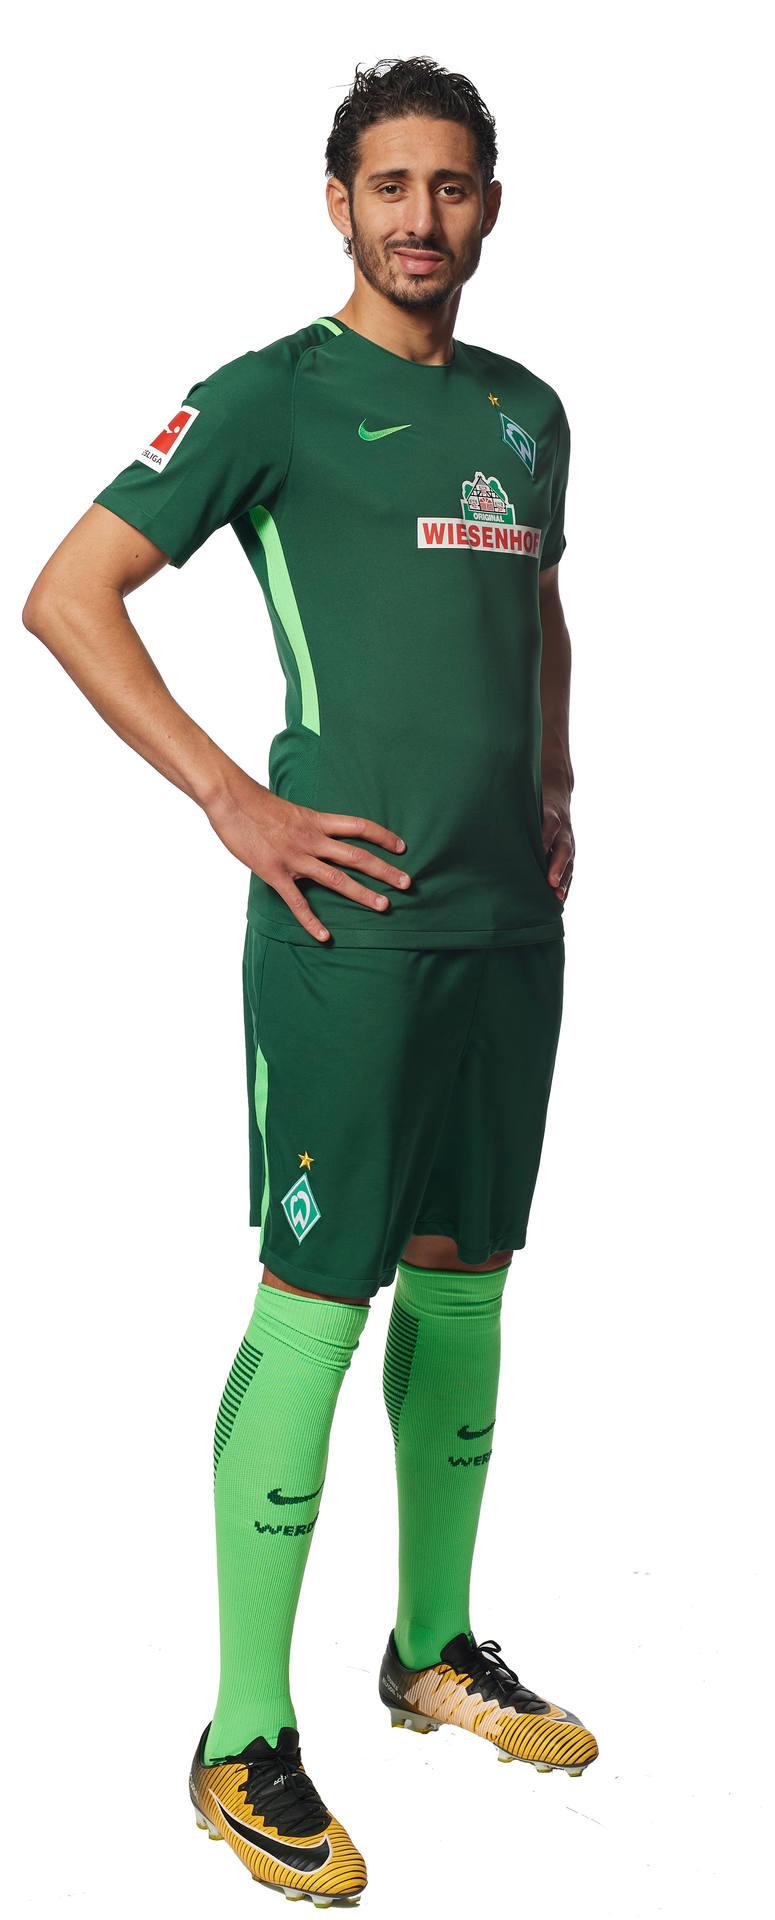 Ishak Belfodil Sv Werder Bremen